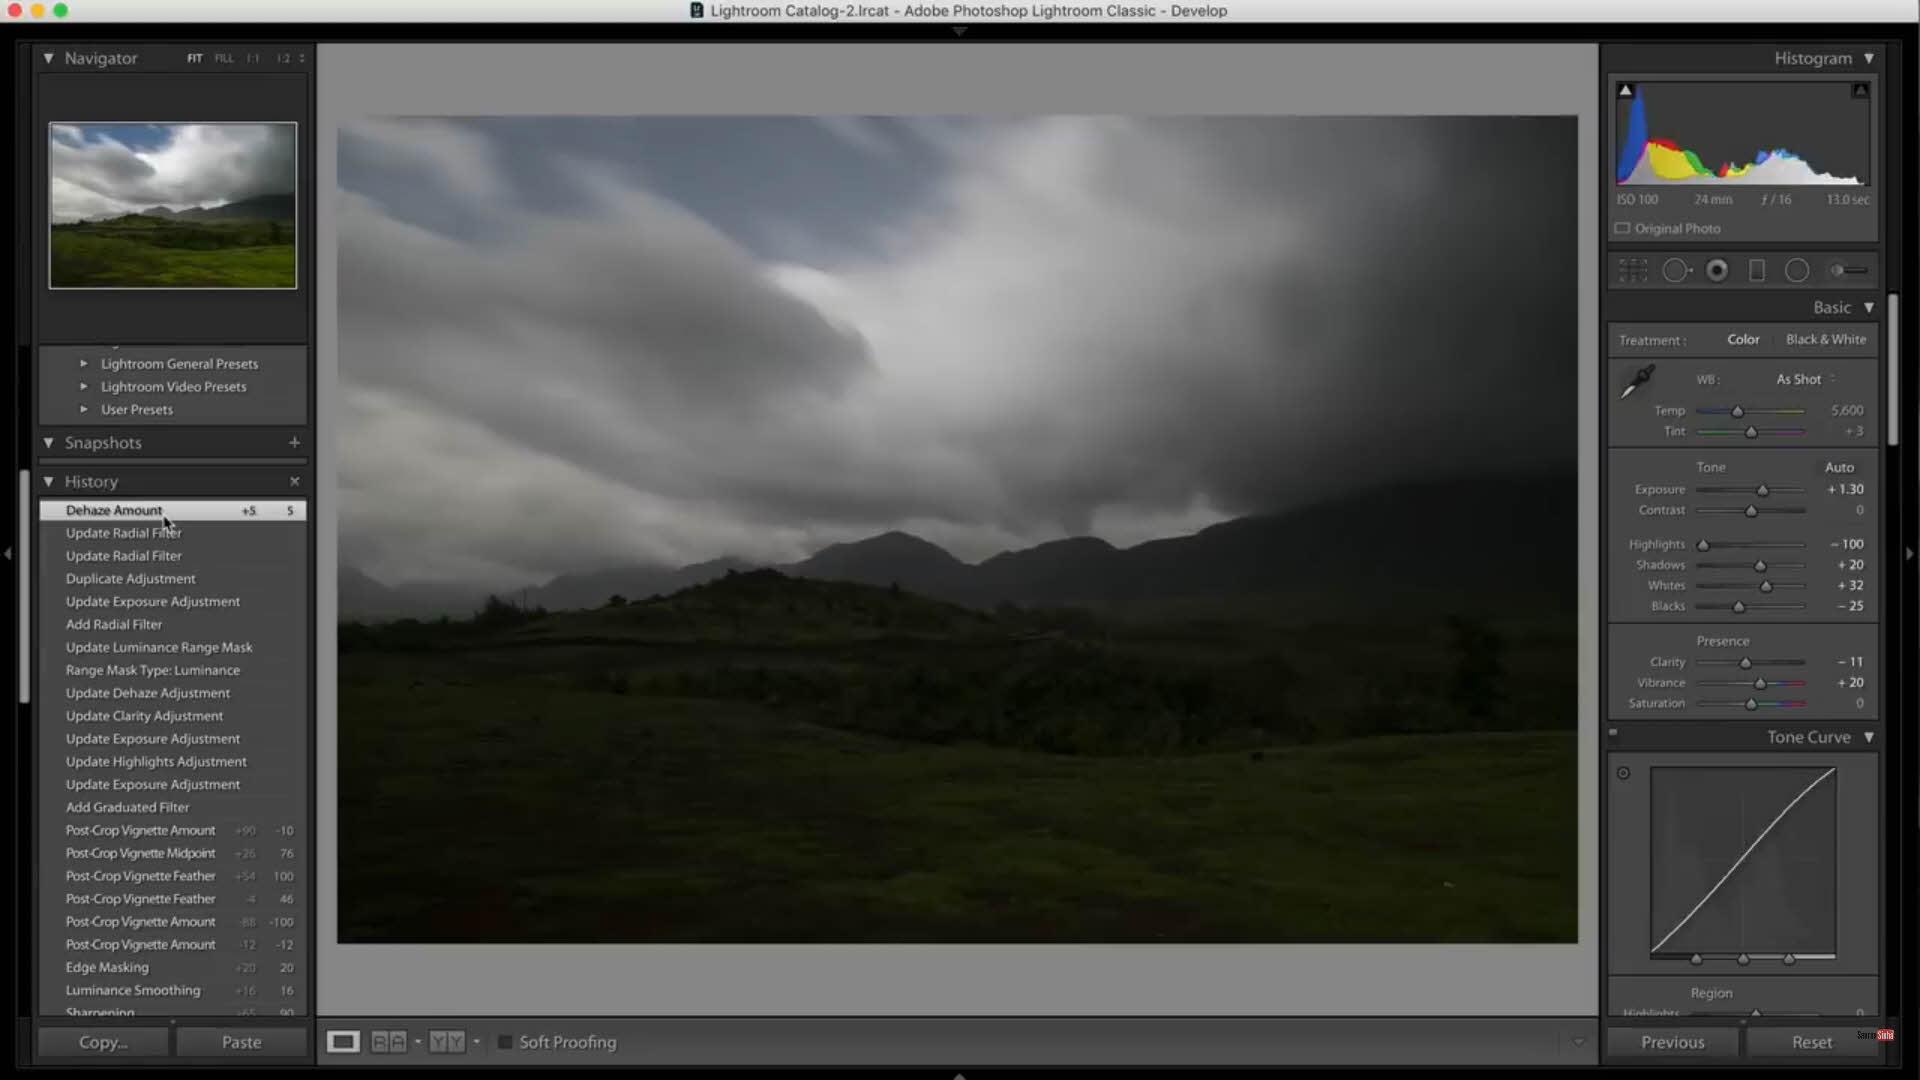 天空雲層細節清楚,地景雖然偏暗,但沒有遺失掉細節,可以後製還原